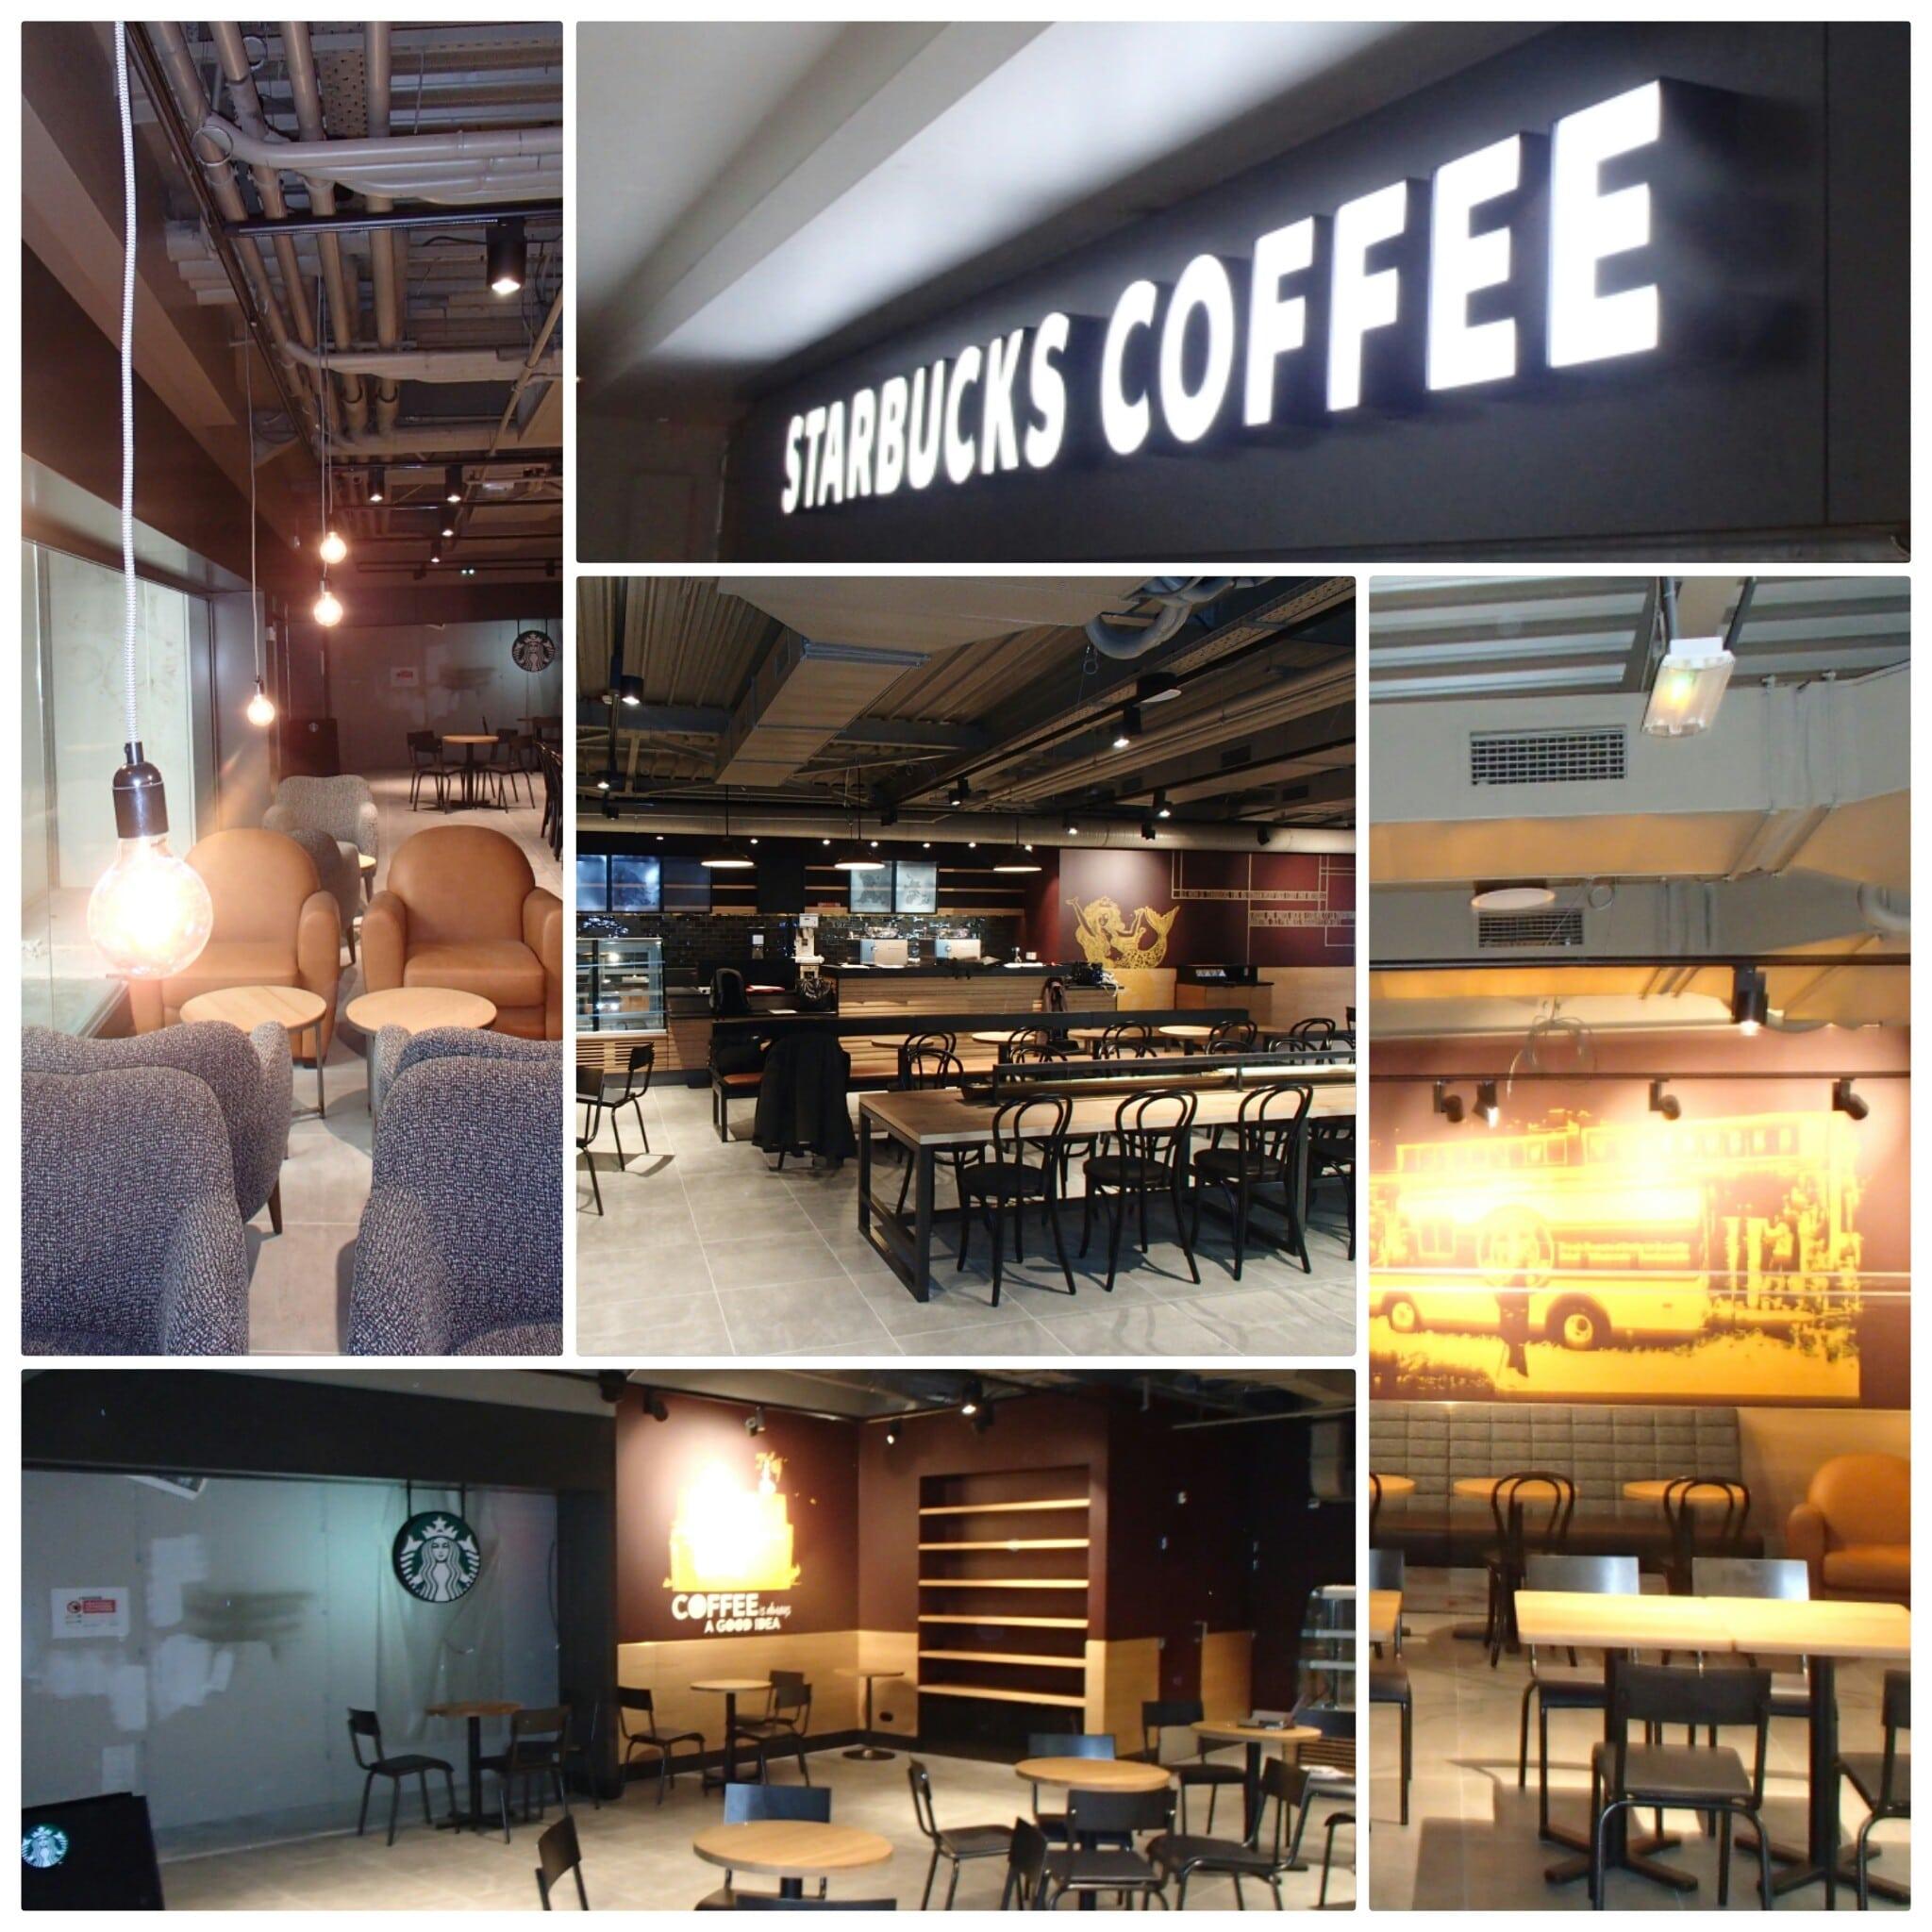 Starbucks éclairage par Amperiance